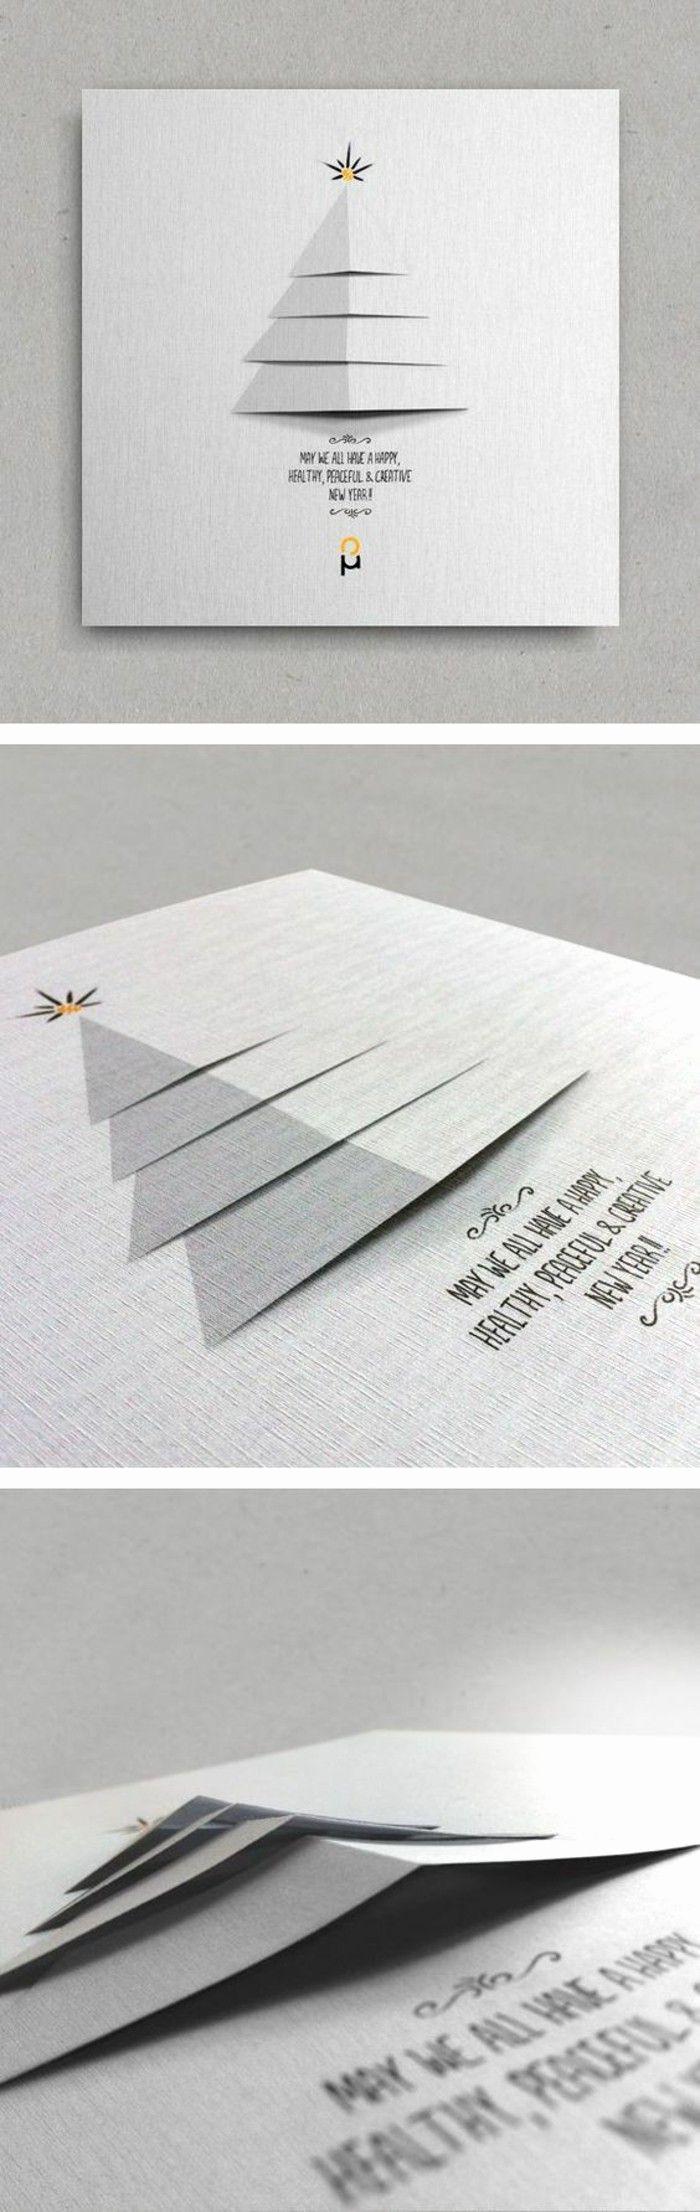 Weihnachtskarte mit 3D Weihnachtsbaum, Stern auf der Spitze, simples Design